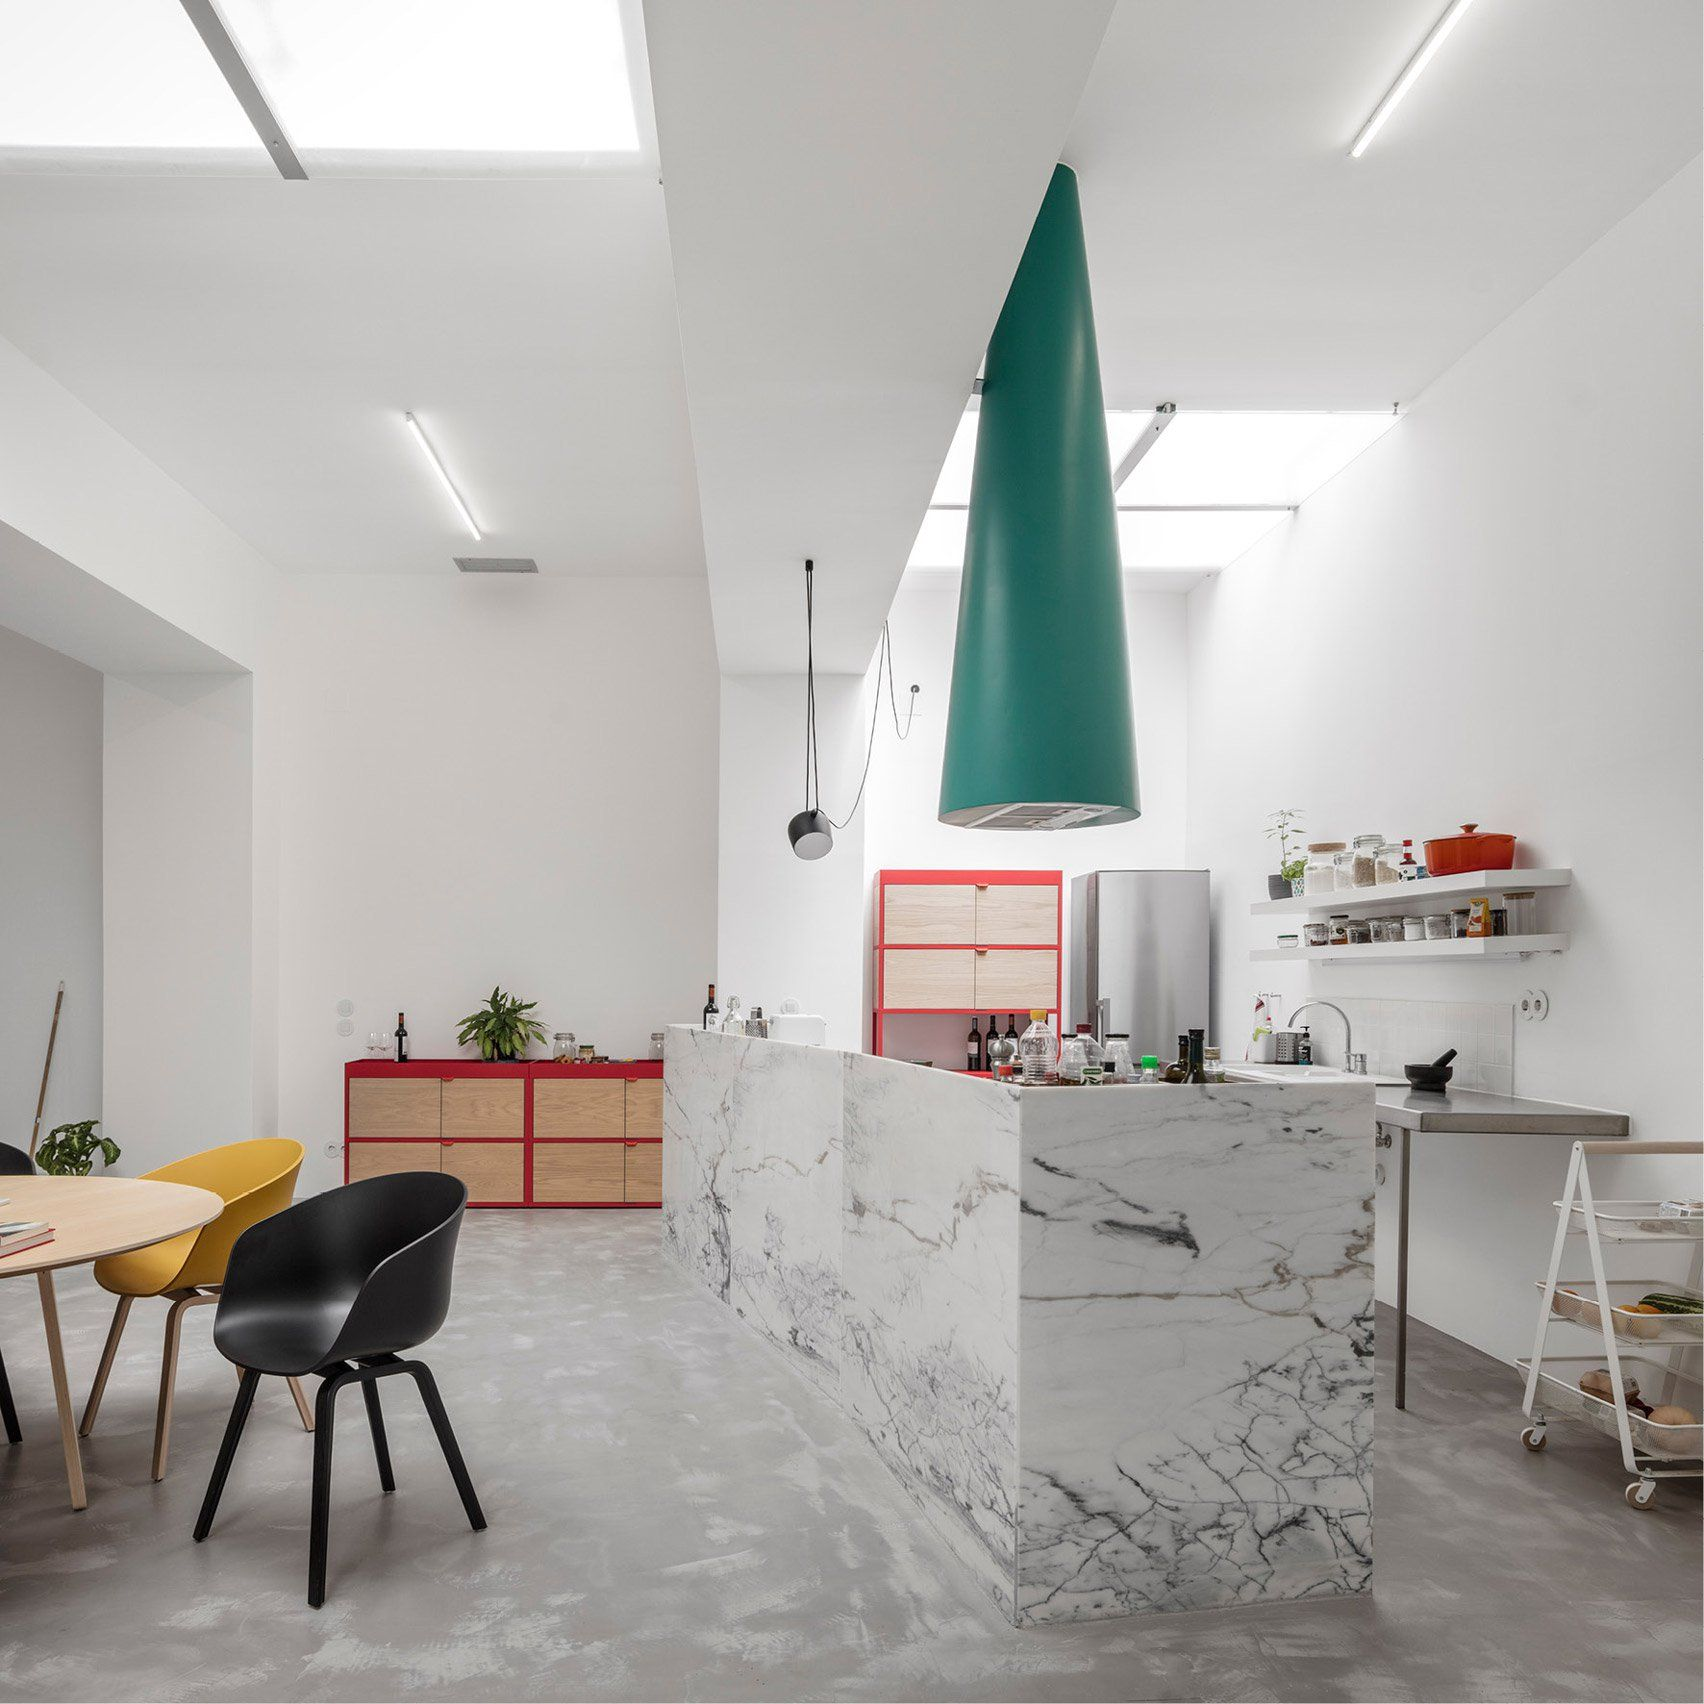 Garage house Lisbon by Fala Atelier   Fala atelier, Deco interieur ...